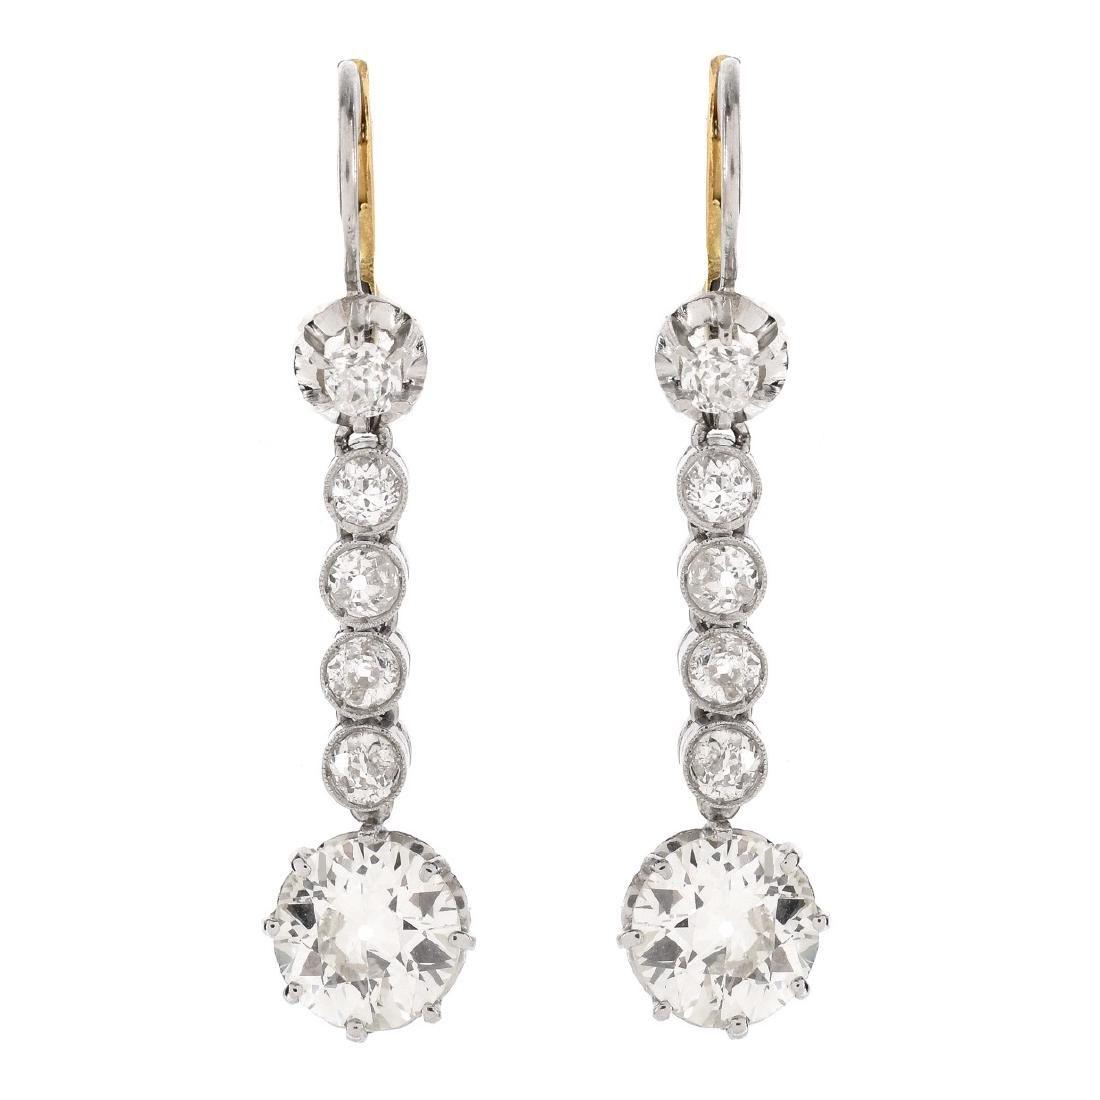 Approx. 5.1ct TW Diamond Earrings